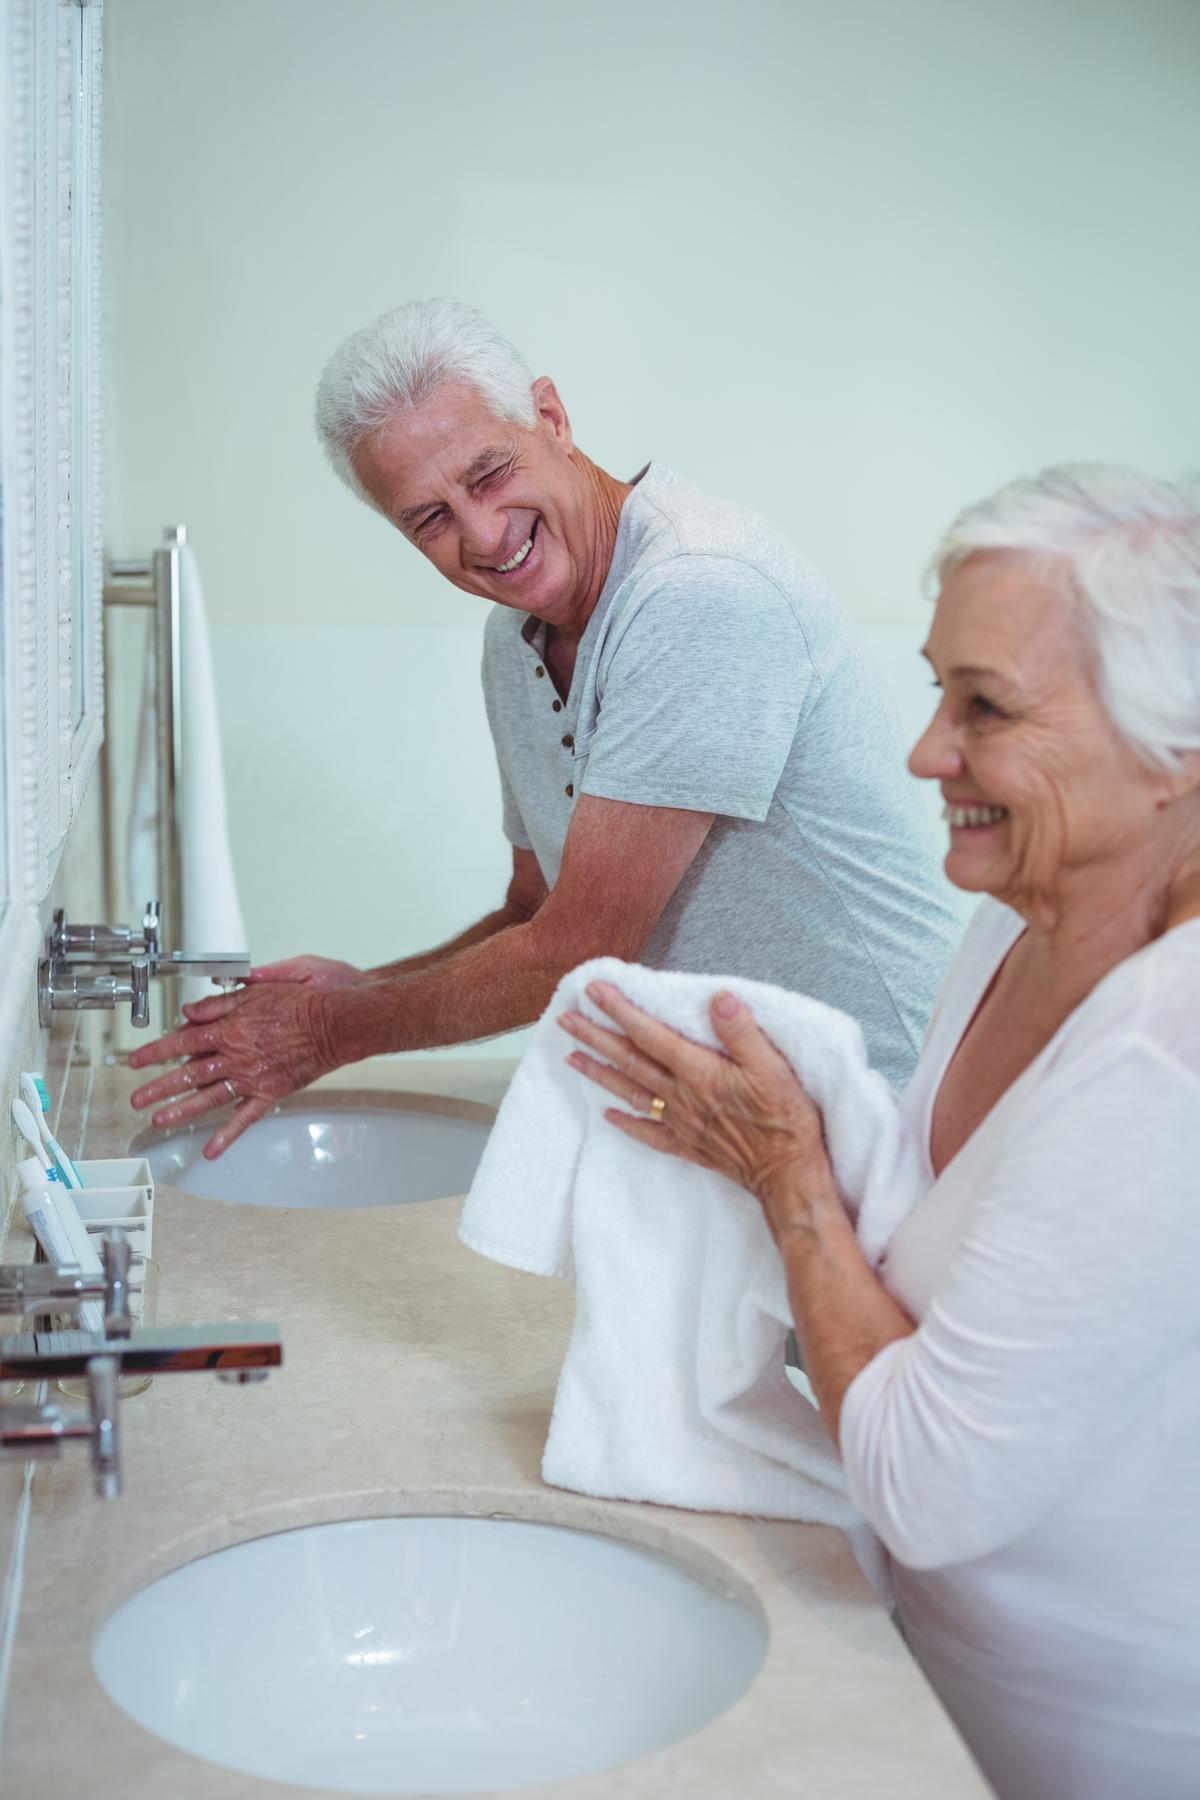 Korzystanie z umywalki to codzienna czynność każdego z nas.